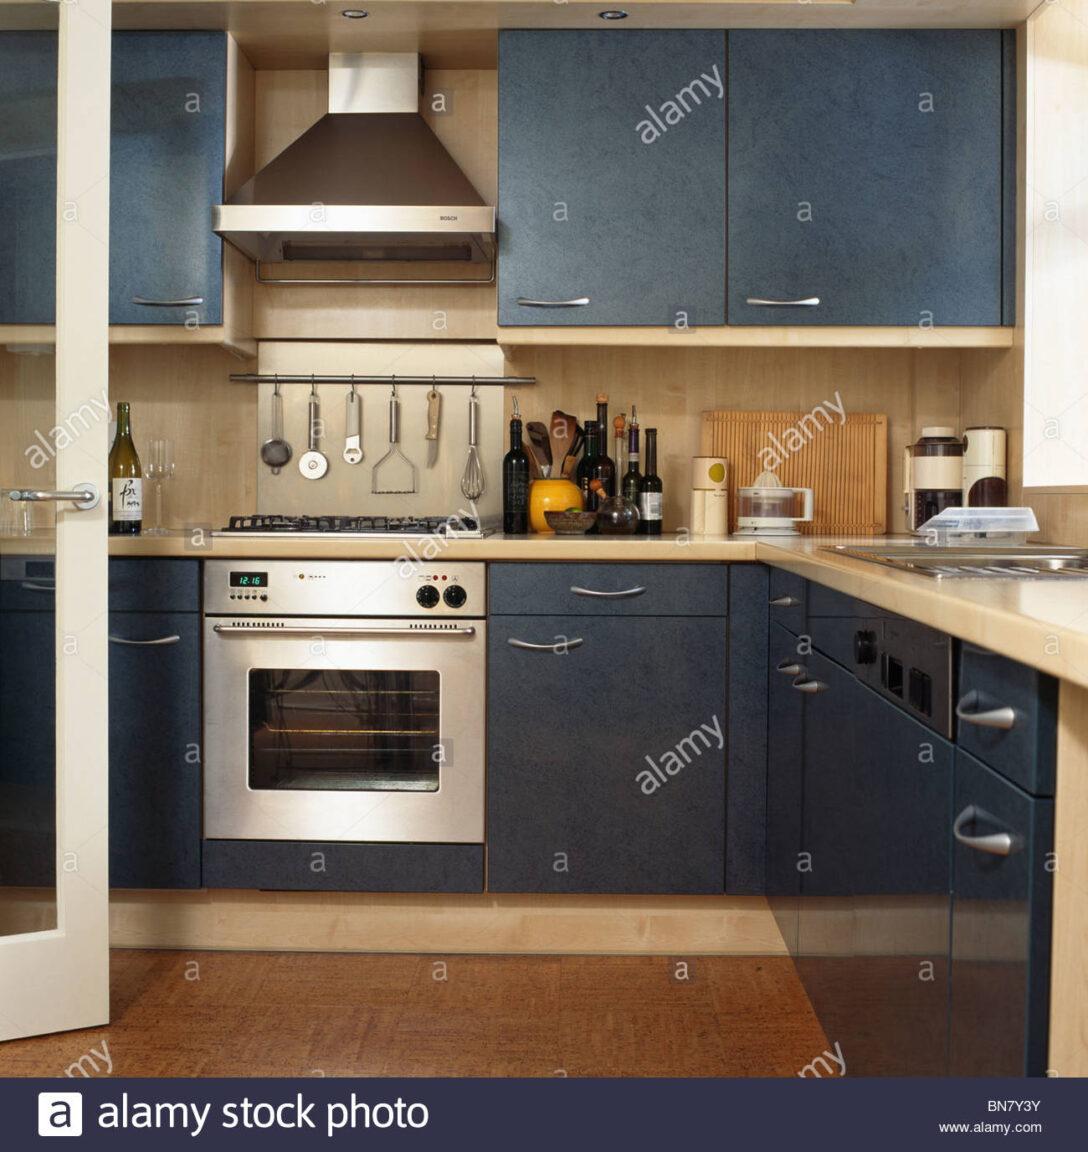 Large Size of Küche Blau Grau Dunstabzugshaube Ber Edelstahl Backofen Und Blaue Montierten Edelstahlküche Gebraucht Rustikal Blende Anrichte Regal Grifflose Led Panel Sofa Wohnzimmer Küche Blau Grau